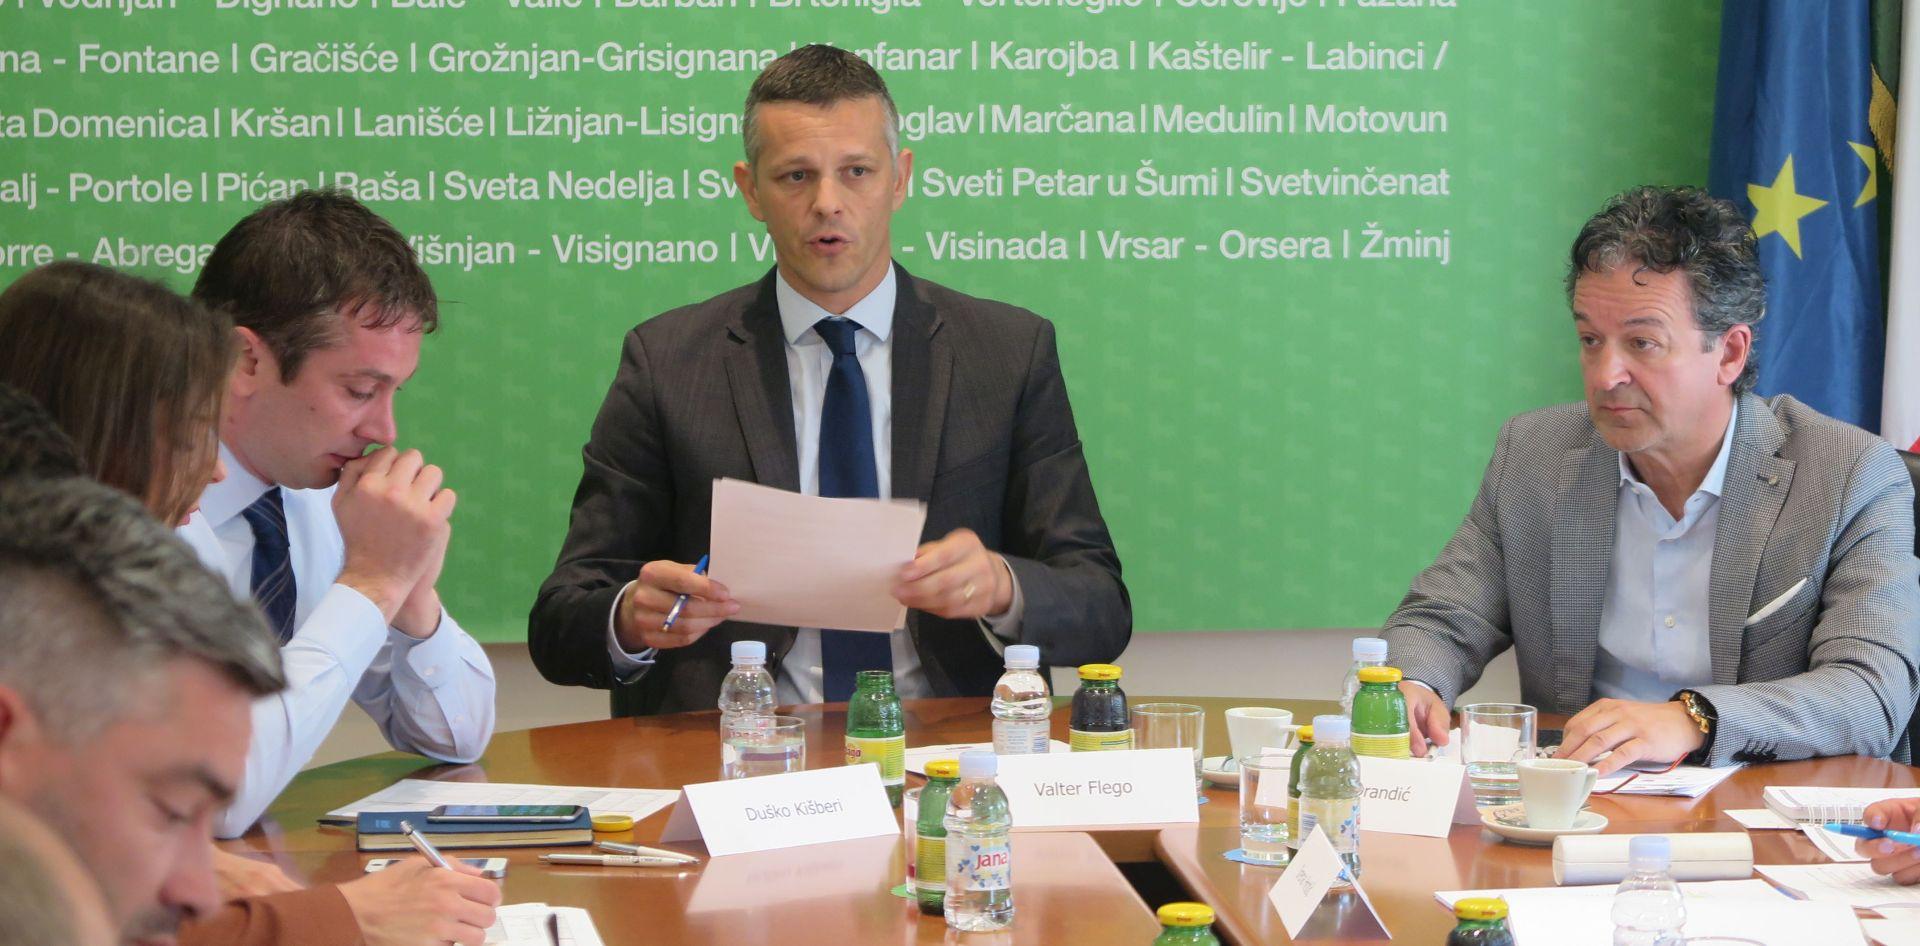 Valter Flego: Pulska bolnica mora ostati županijskom bolnicom regionalnog značaja